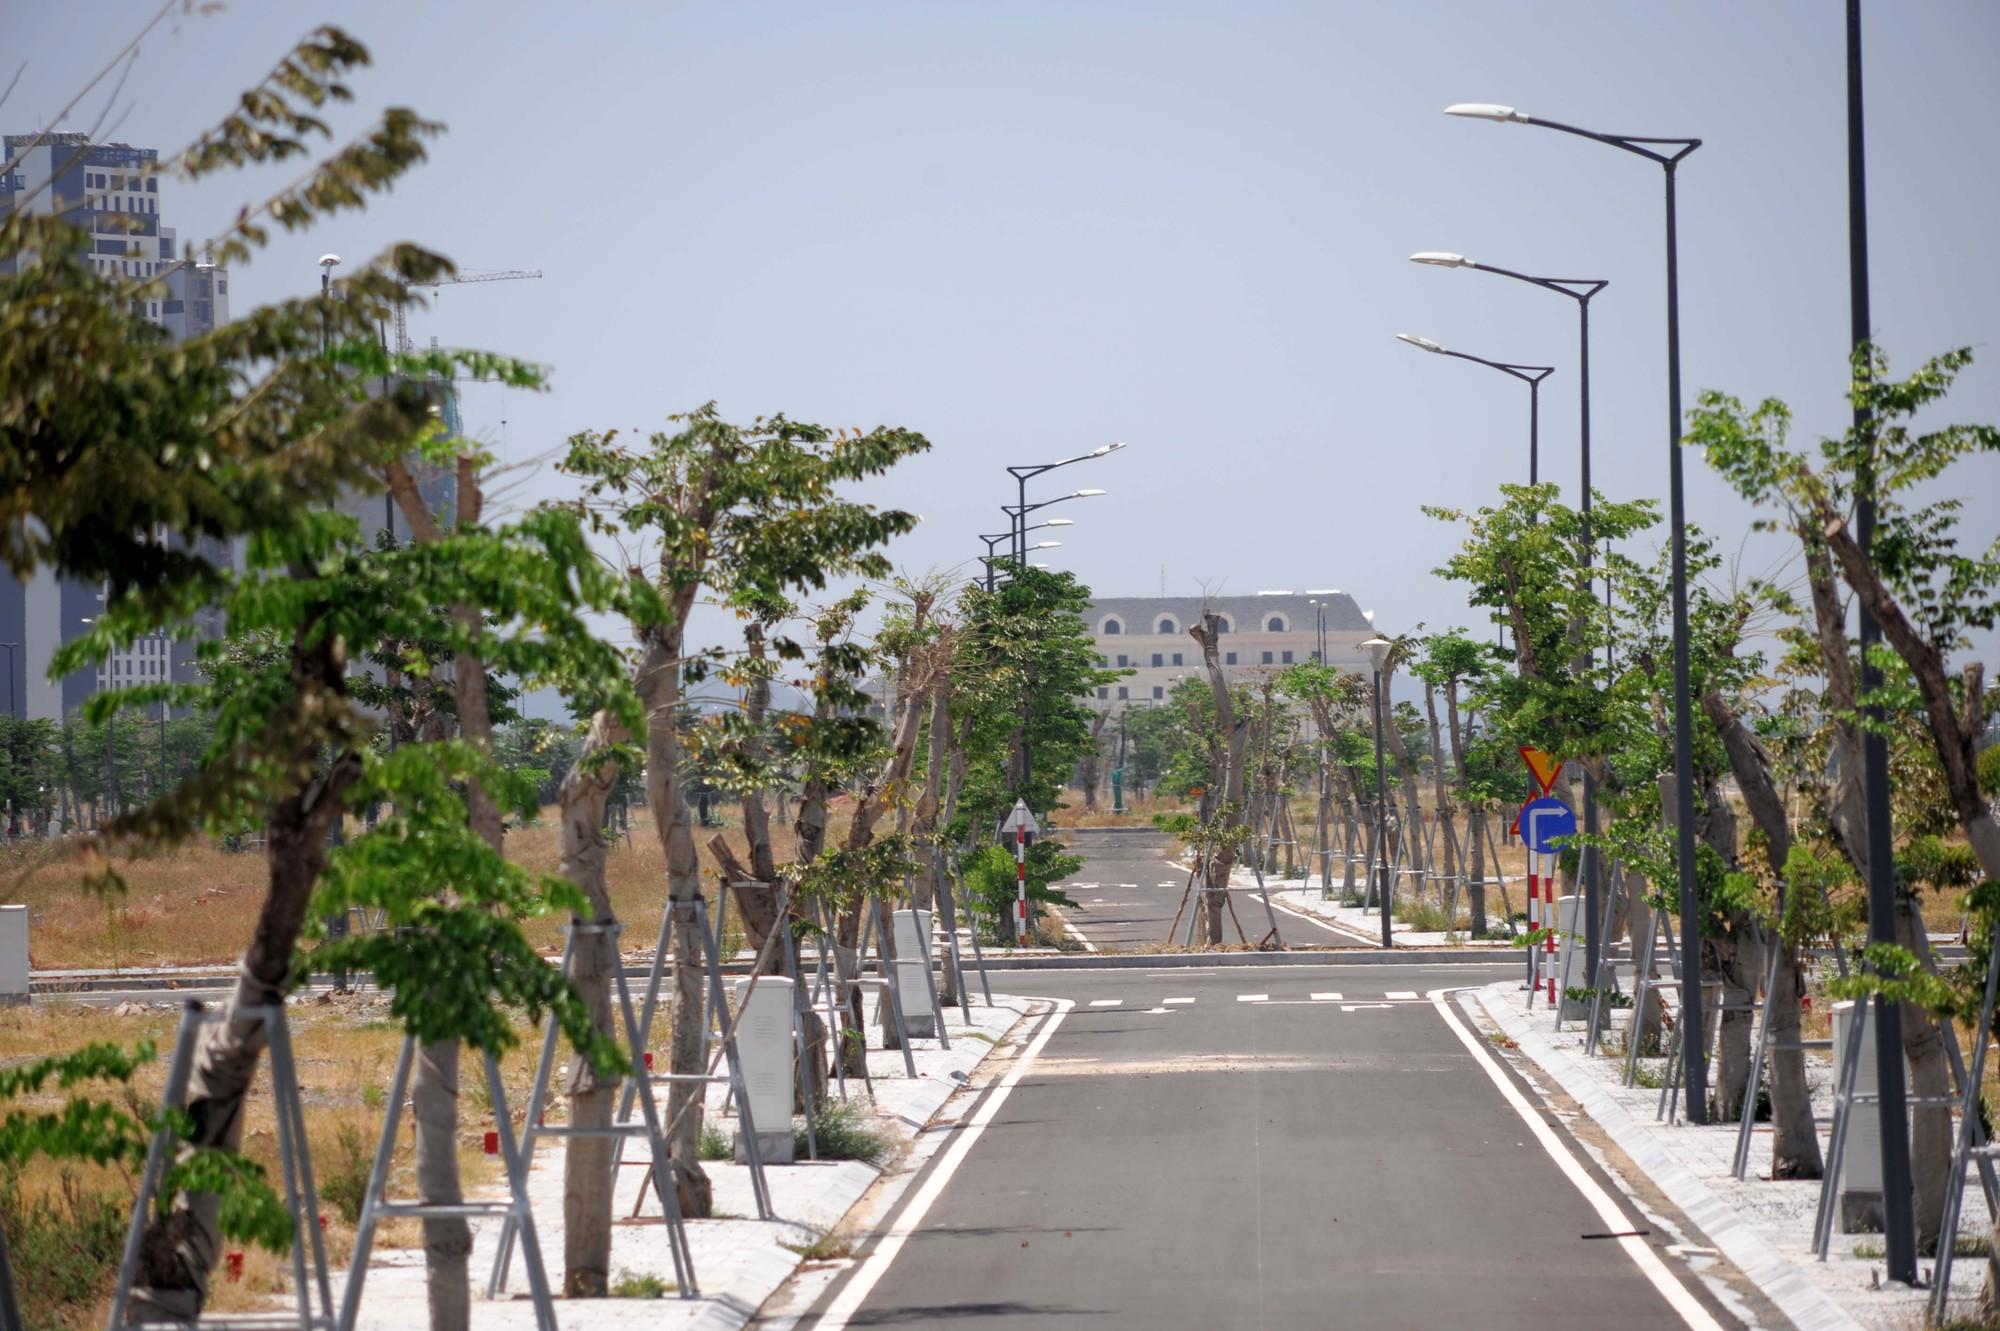 Cận cảnh dự án BT của Tập đoàn Phúc Sơn tại sân bay Nha Trang cũ  - Ảnh 6.